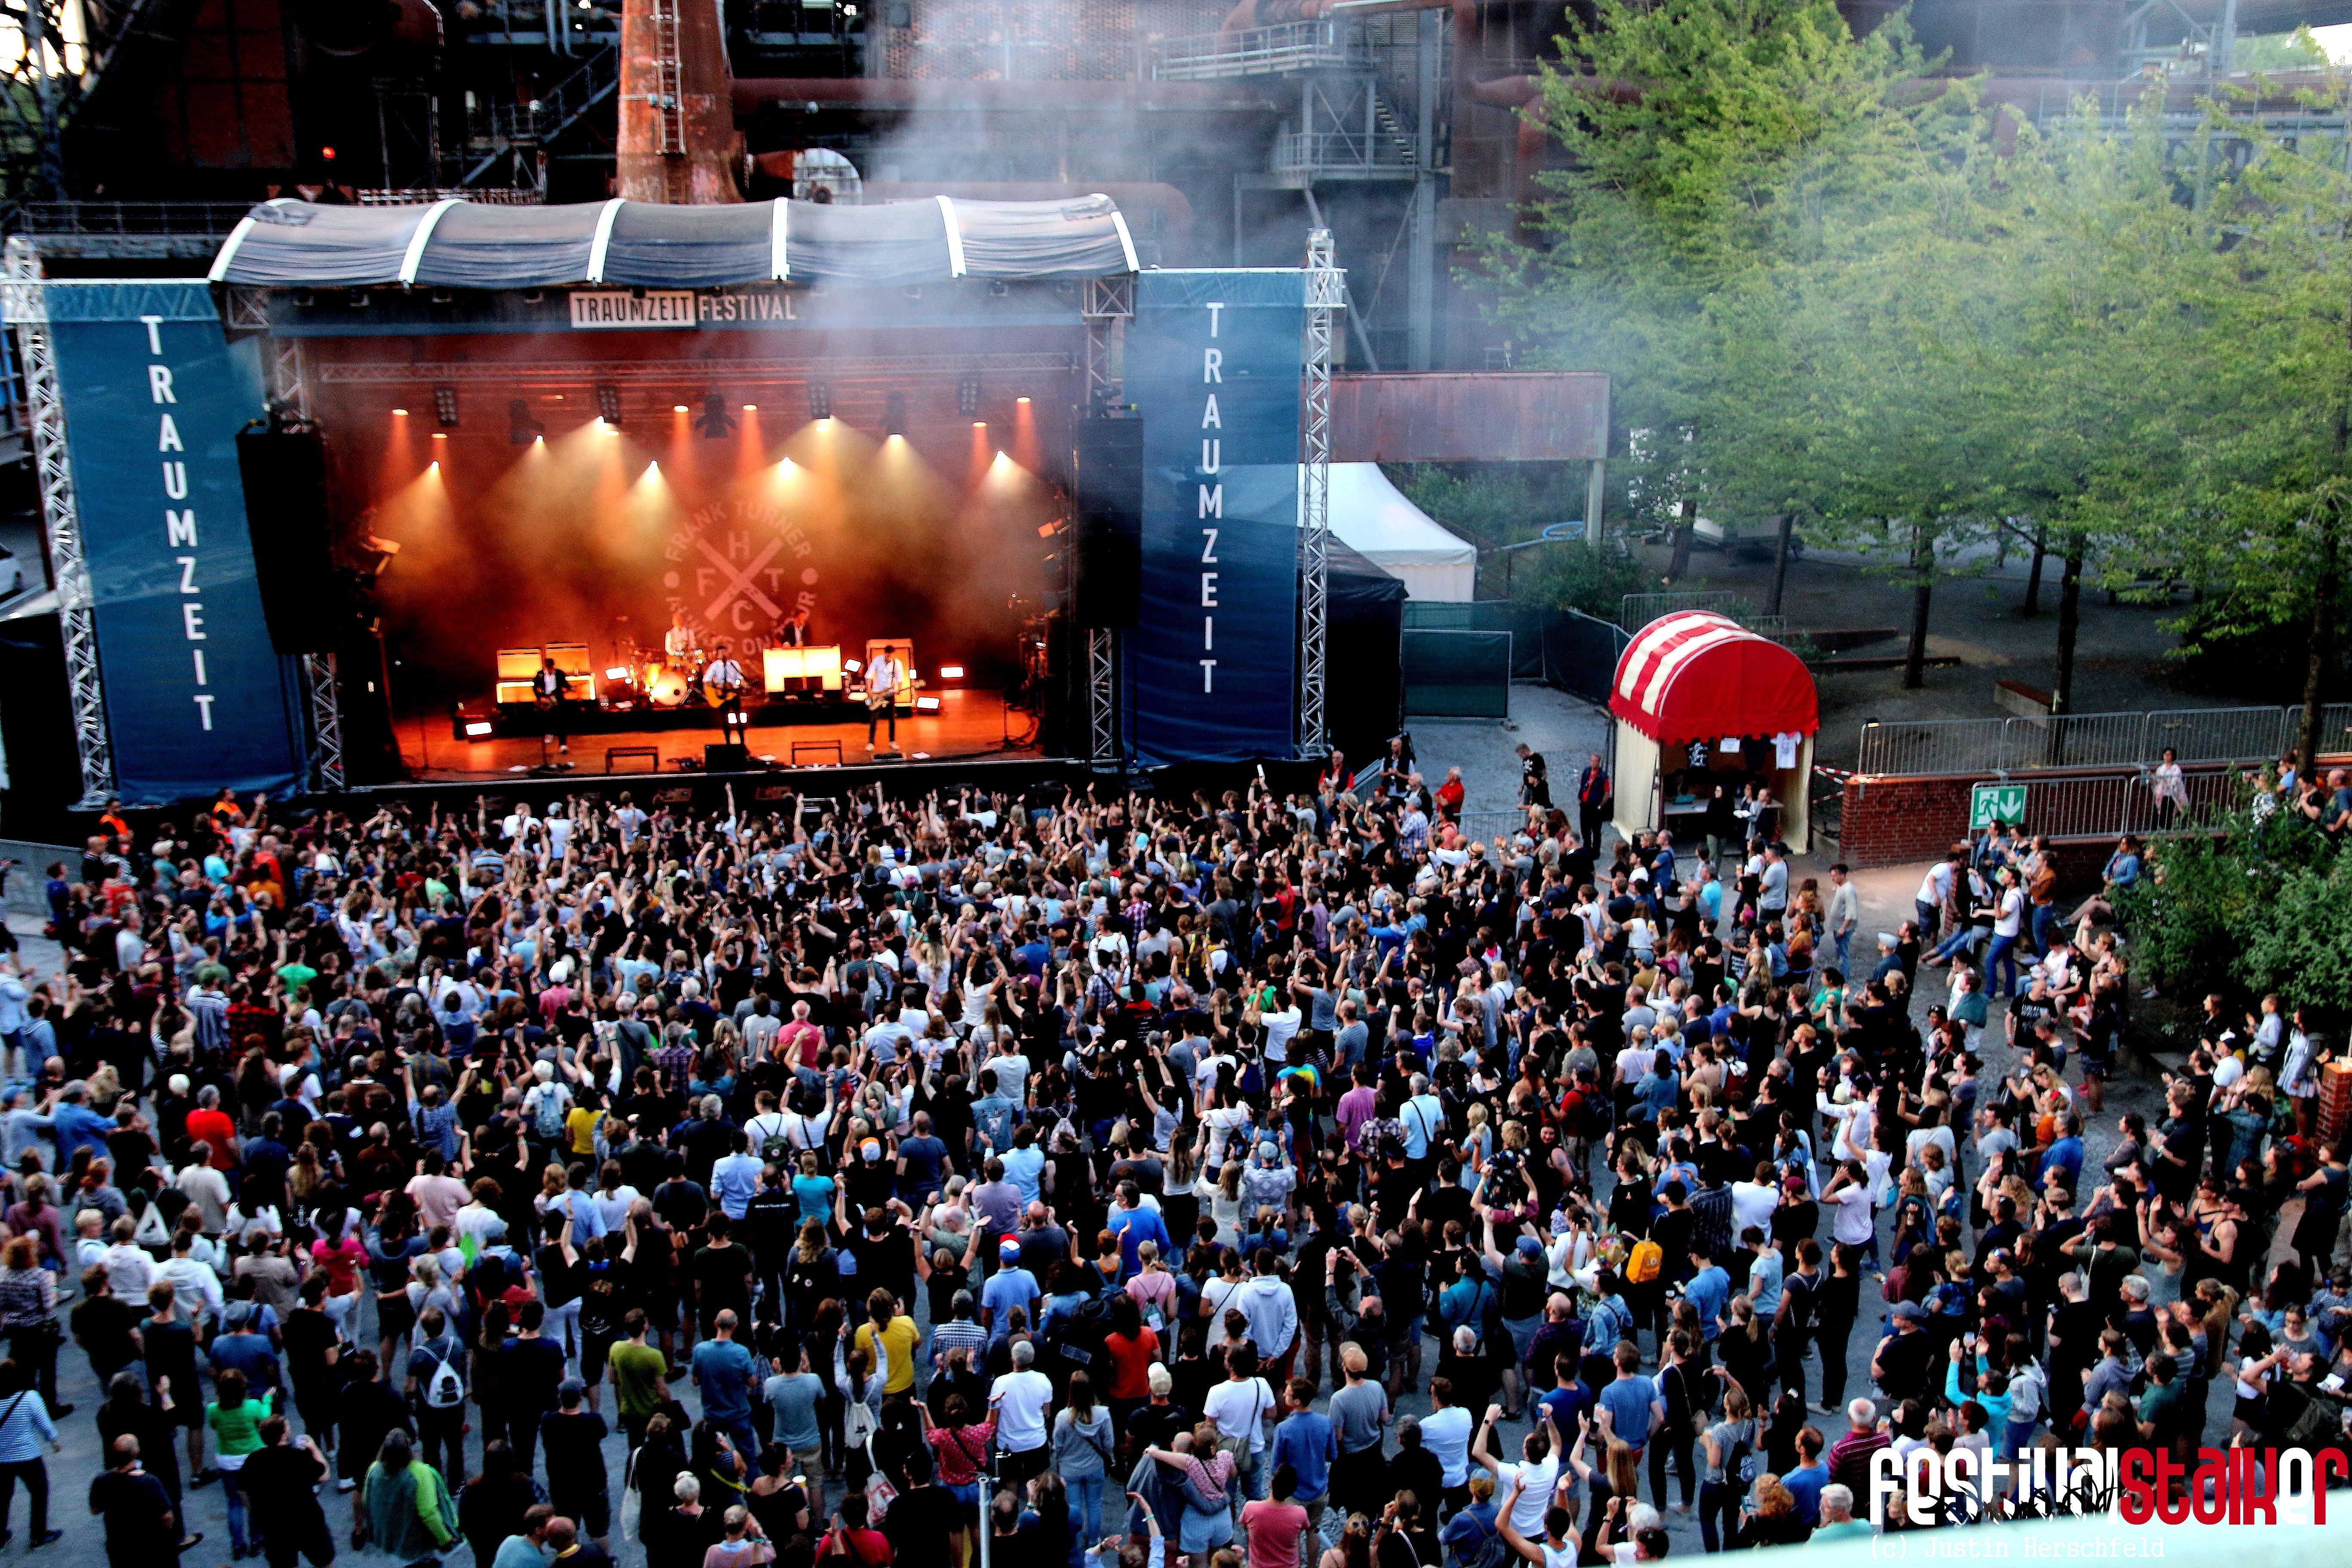 Das Traumzeit Festival in Duisburg wird auch 2020 wieder Bunt